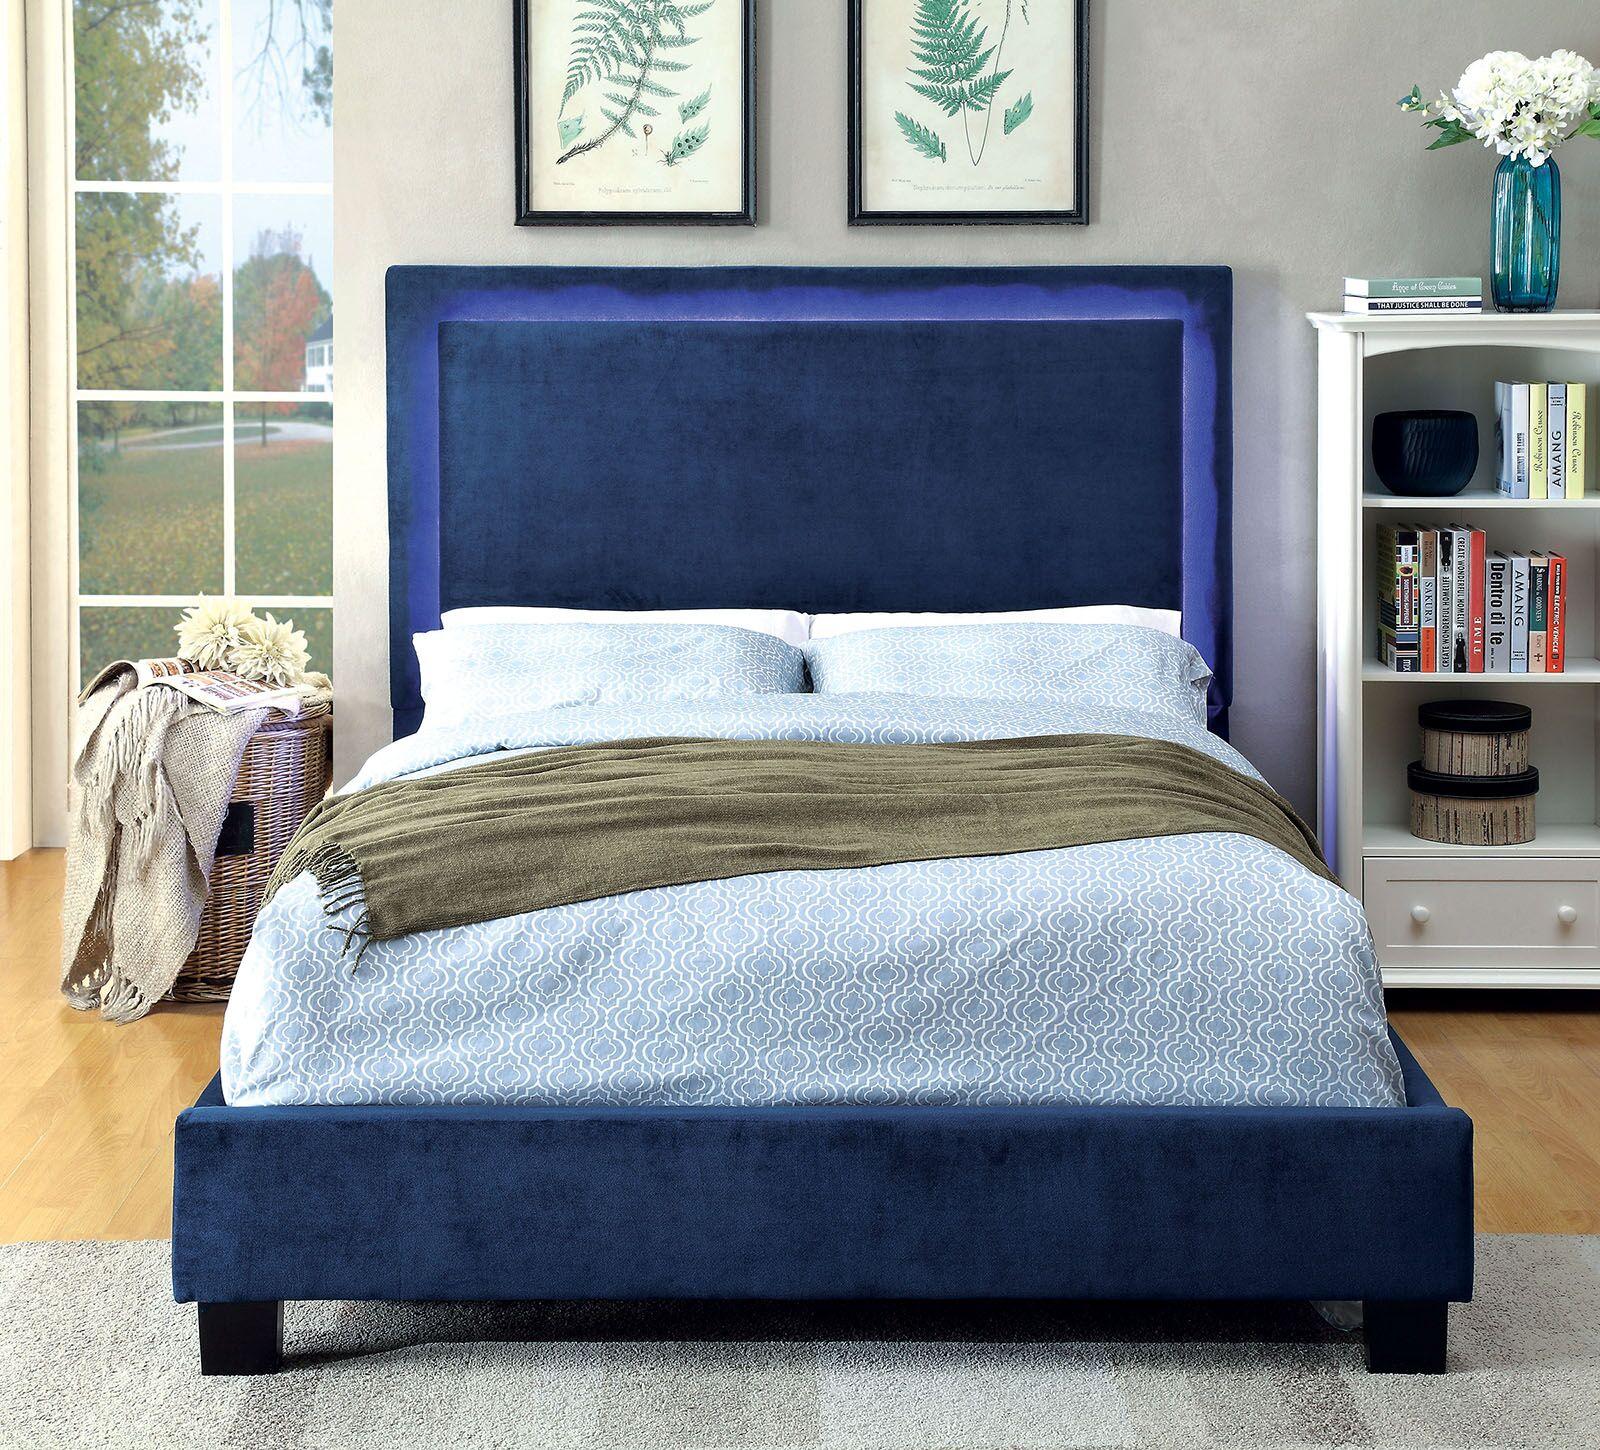 Inverness Upholstered Platform Bed Size: Queen, Color: Navy